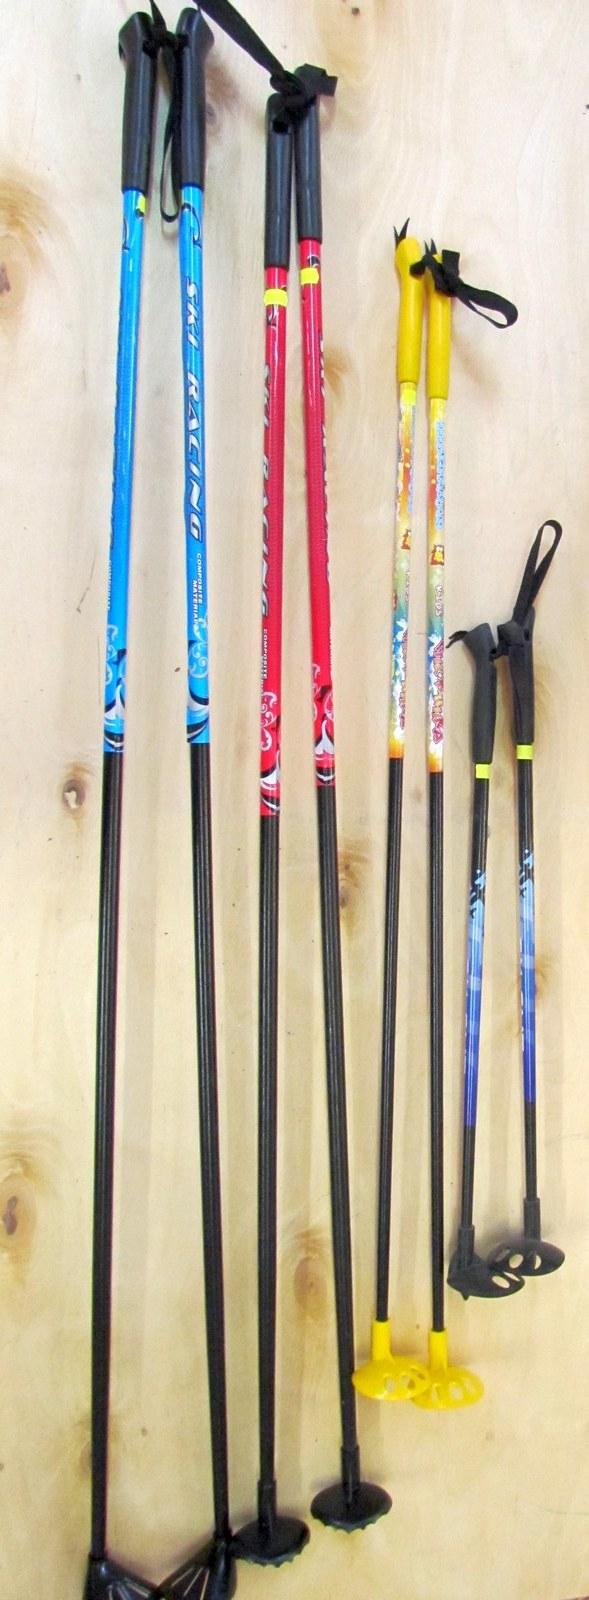 Палки лыжные (стекло-пластик, алюминиевые) от 75-165 см.